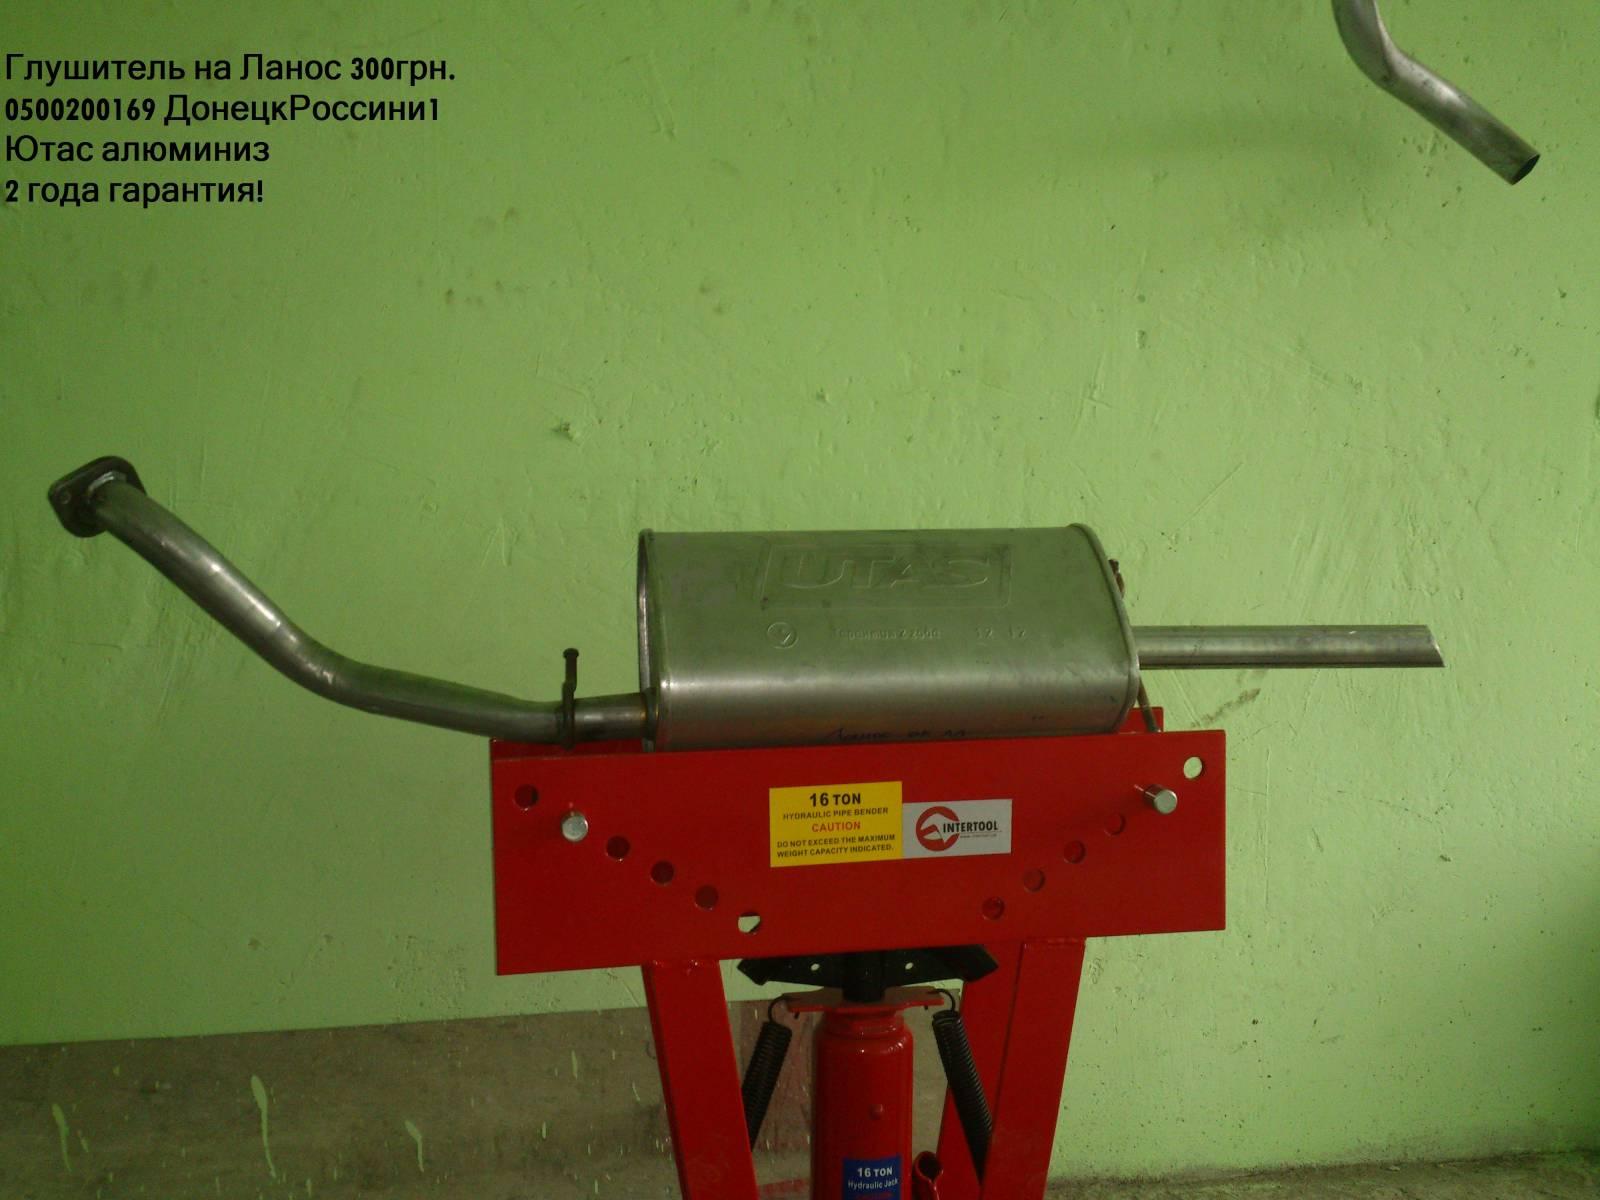 Глушитель на Ланос алюминизиров 299грн